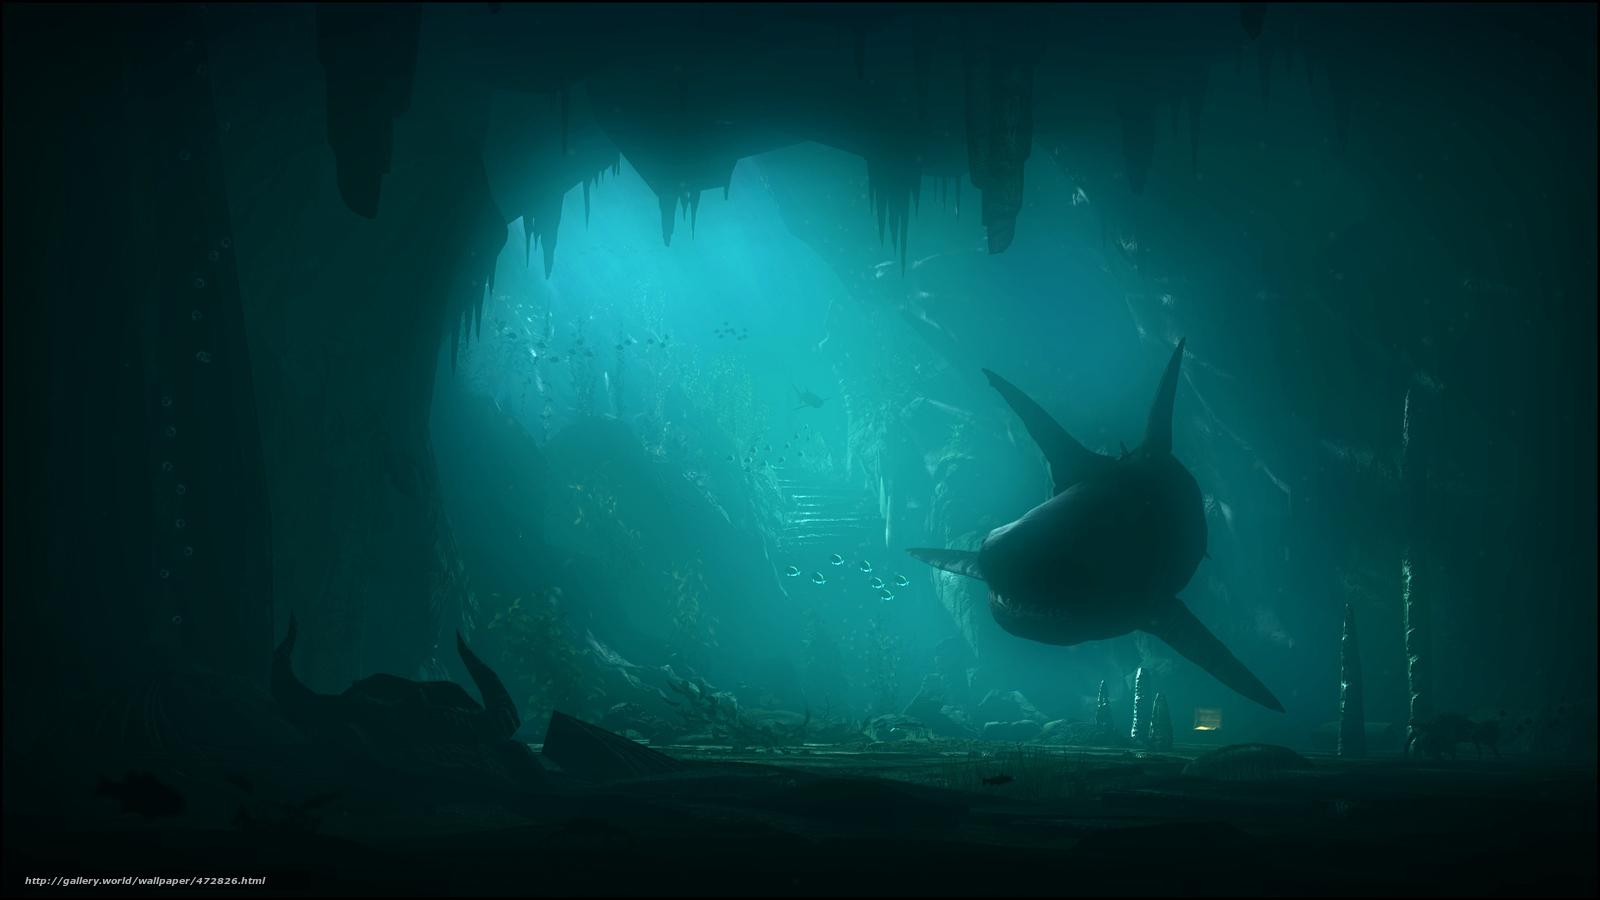 Descargar Gratis Arte Tiburn El Mundo Submarino Mar